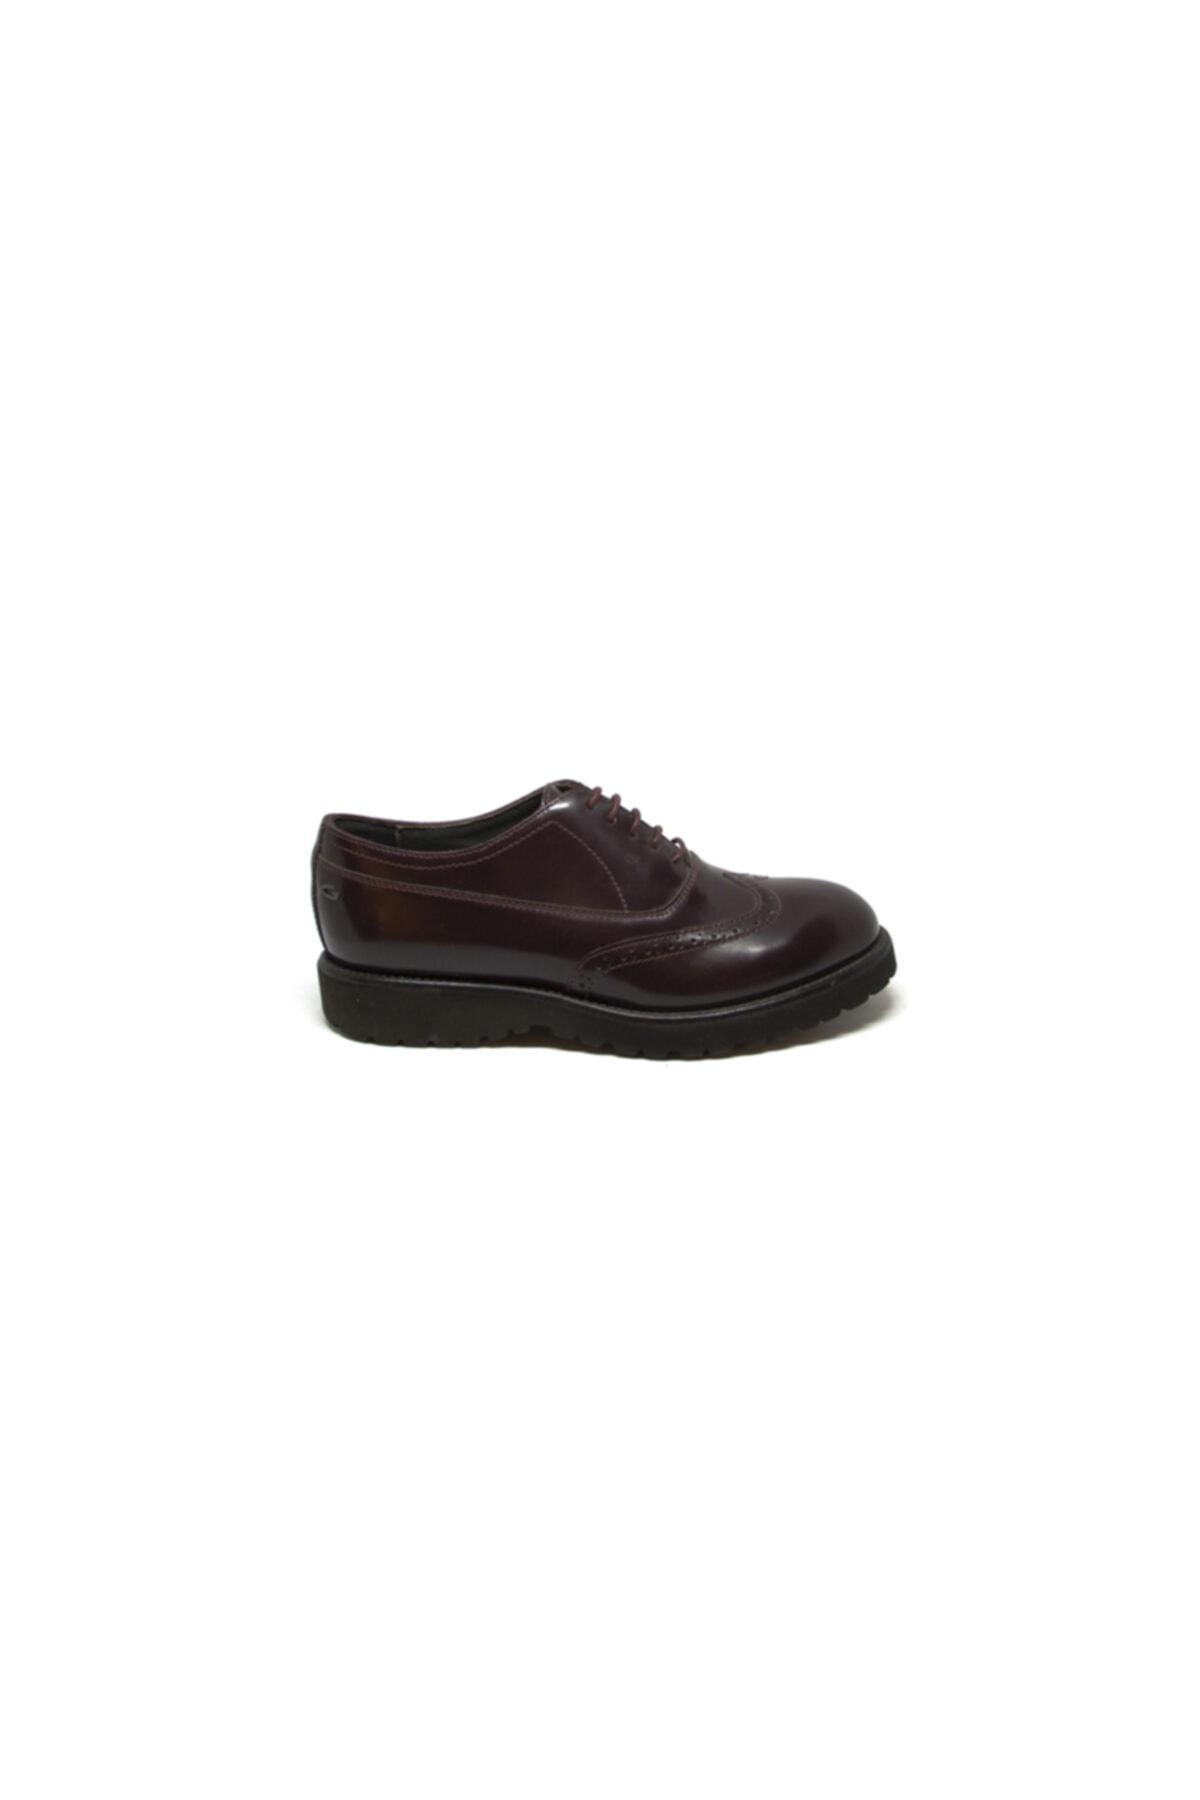 ALBERTO GUARDIANI Kadın Günlük Ayakkabı Sd55585 1